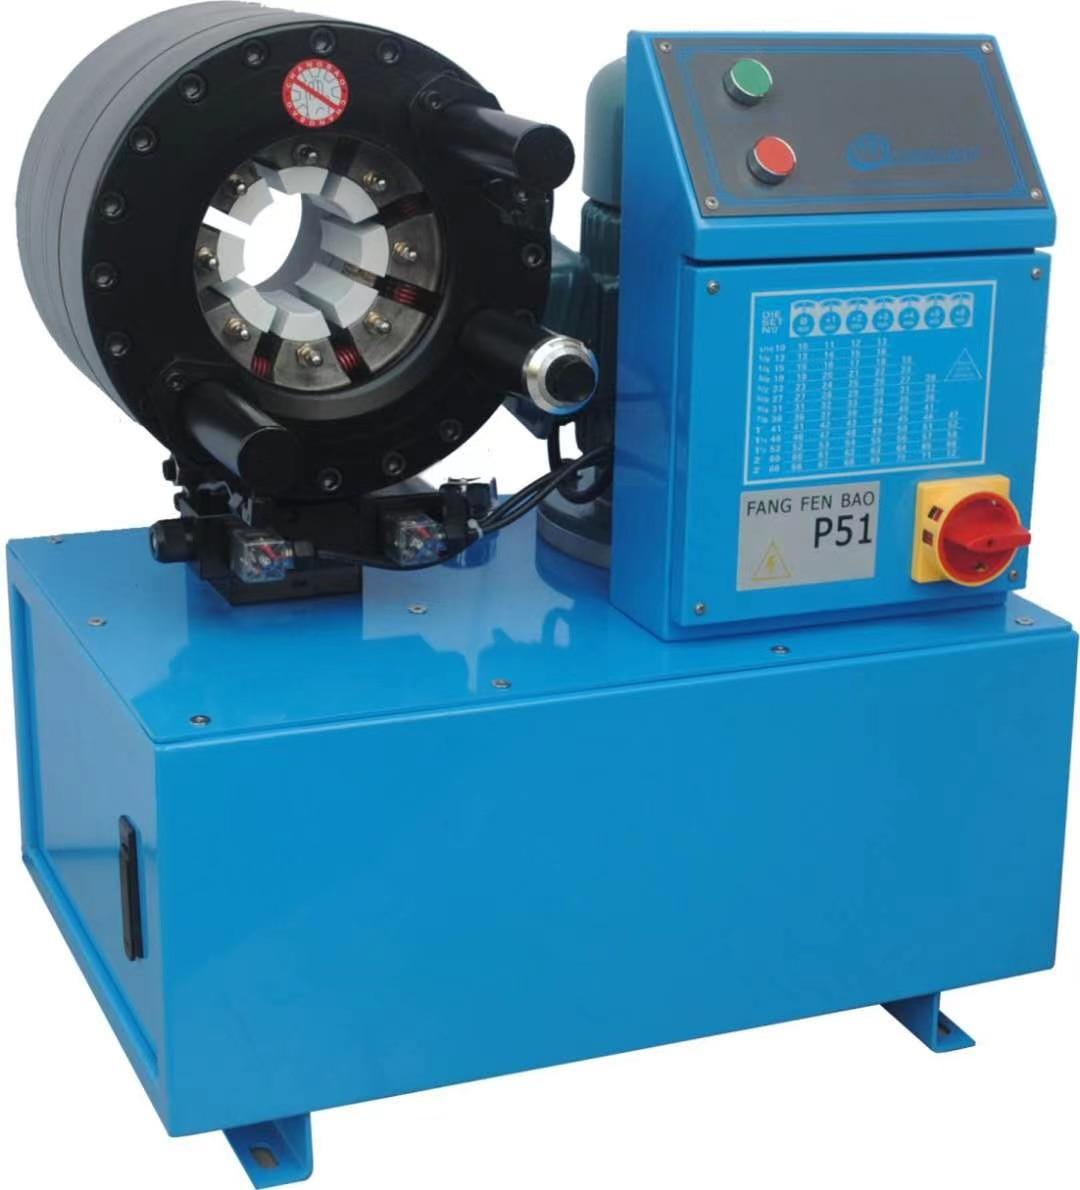 220 فولت العقص آلة الهيدروليكية خرطوم ترقية شهادات CE HZ-P51 الهيدروليكية خرطوم